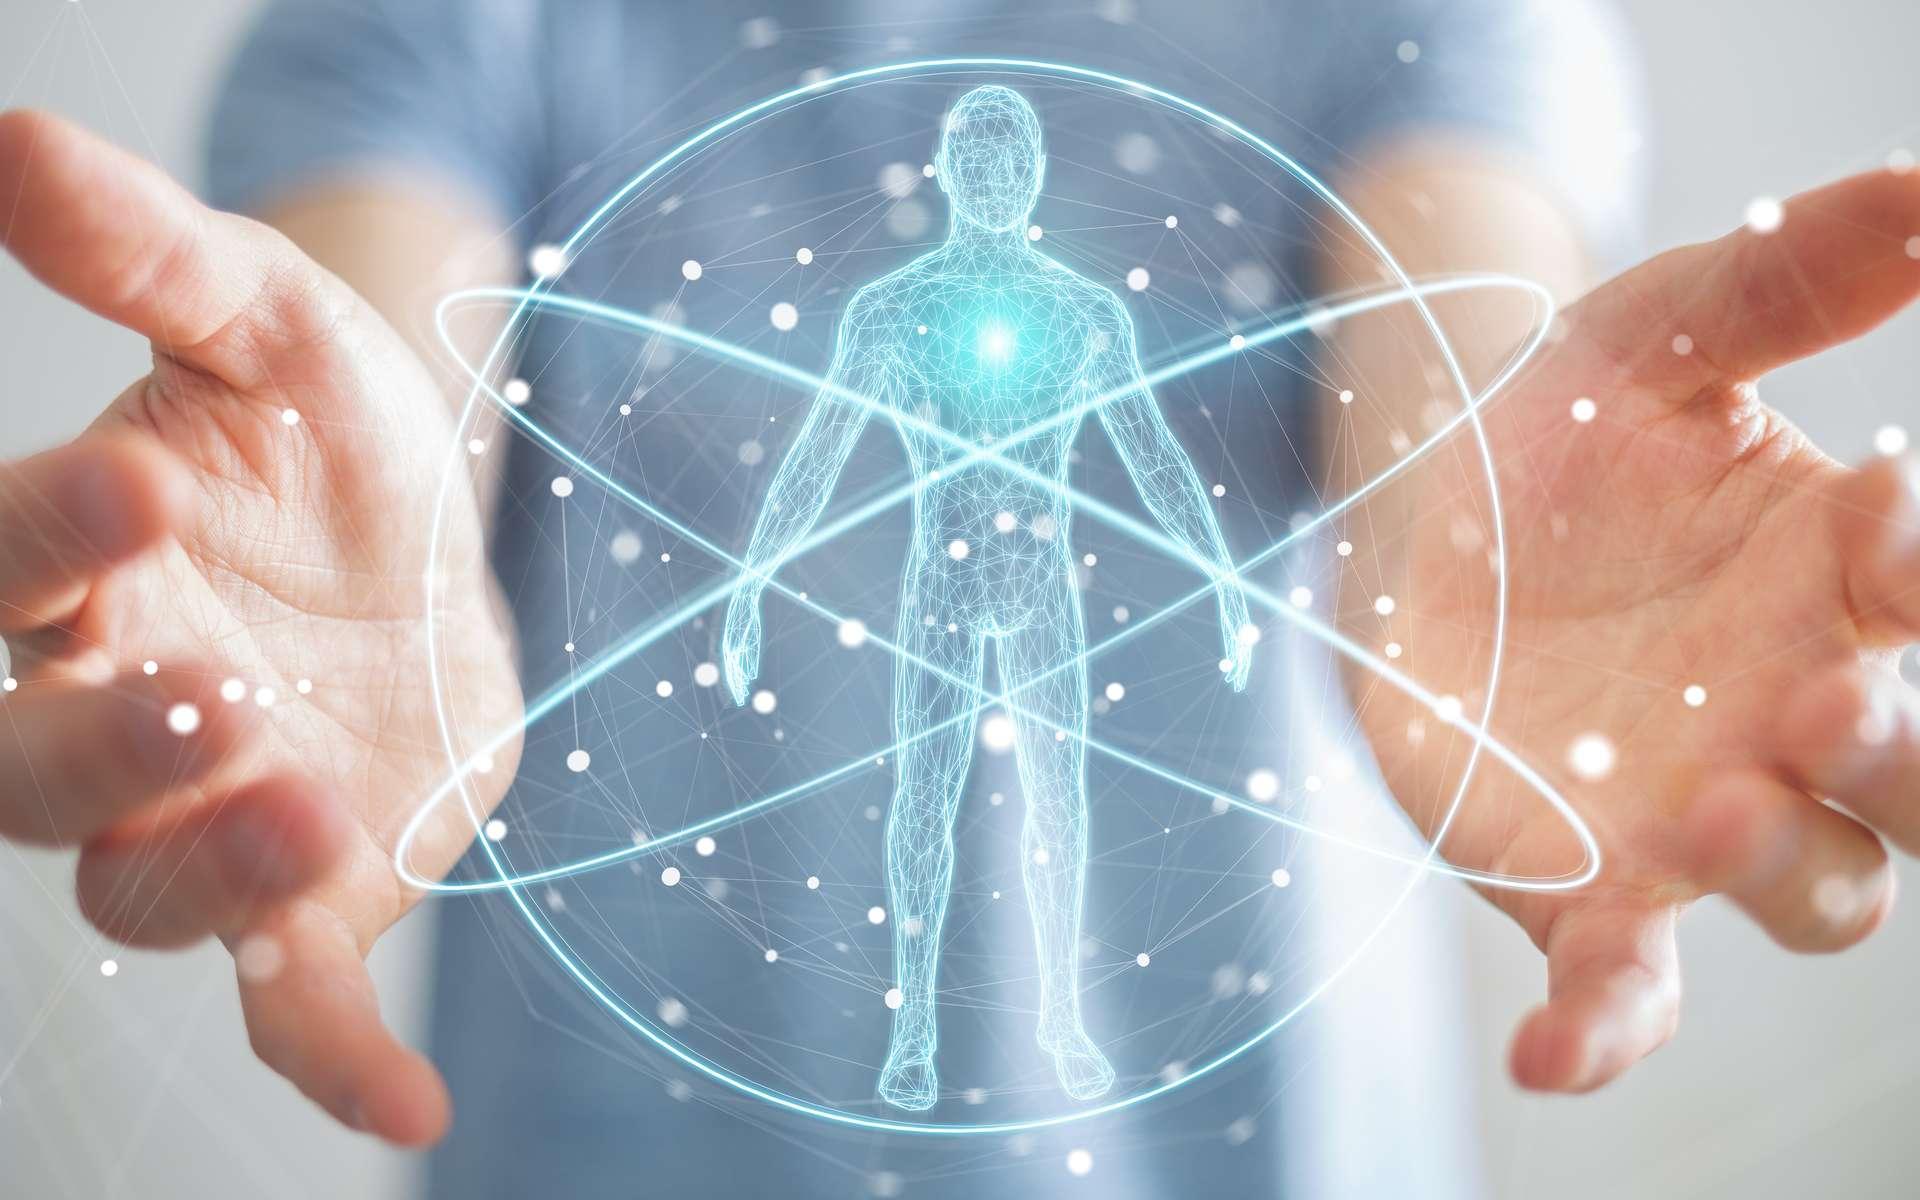 La Haute Autorité de santé (HAS), une autorité publique indépendante à caractère scientifique. © sdecoret, Adobe Stock